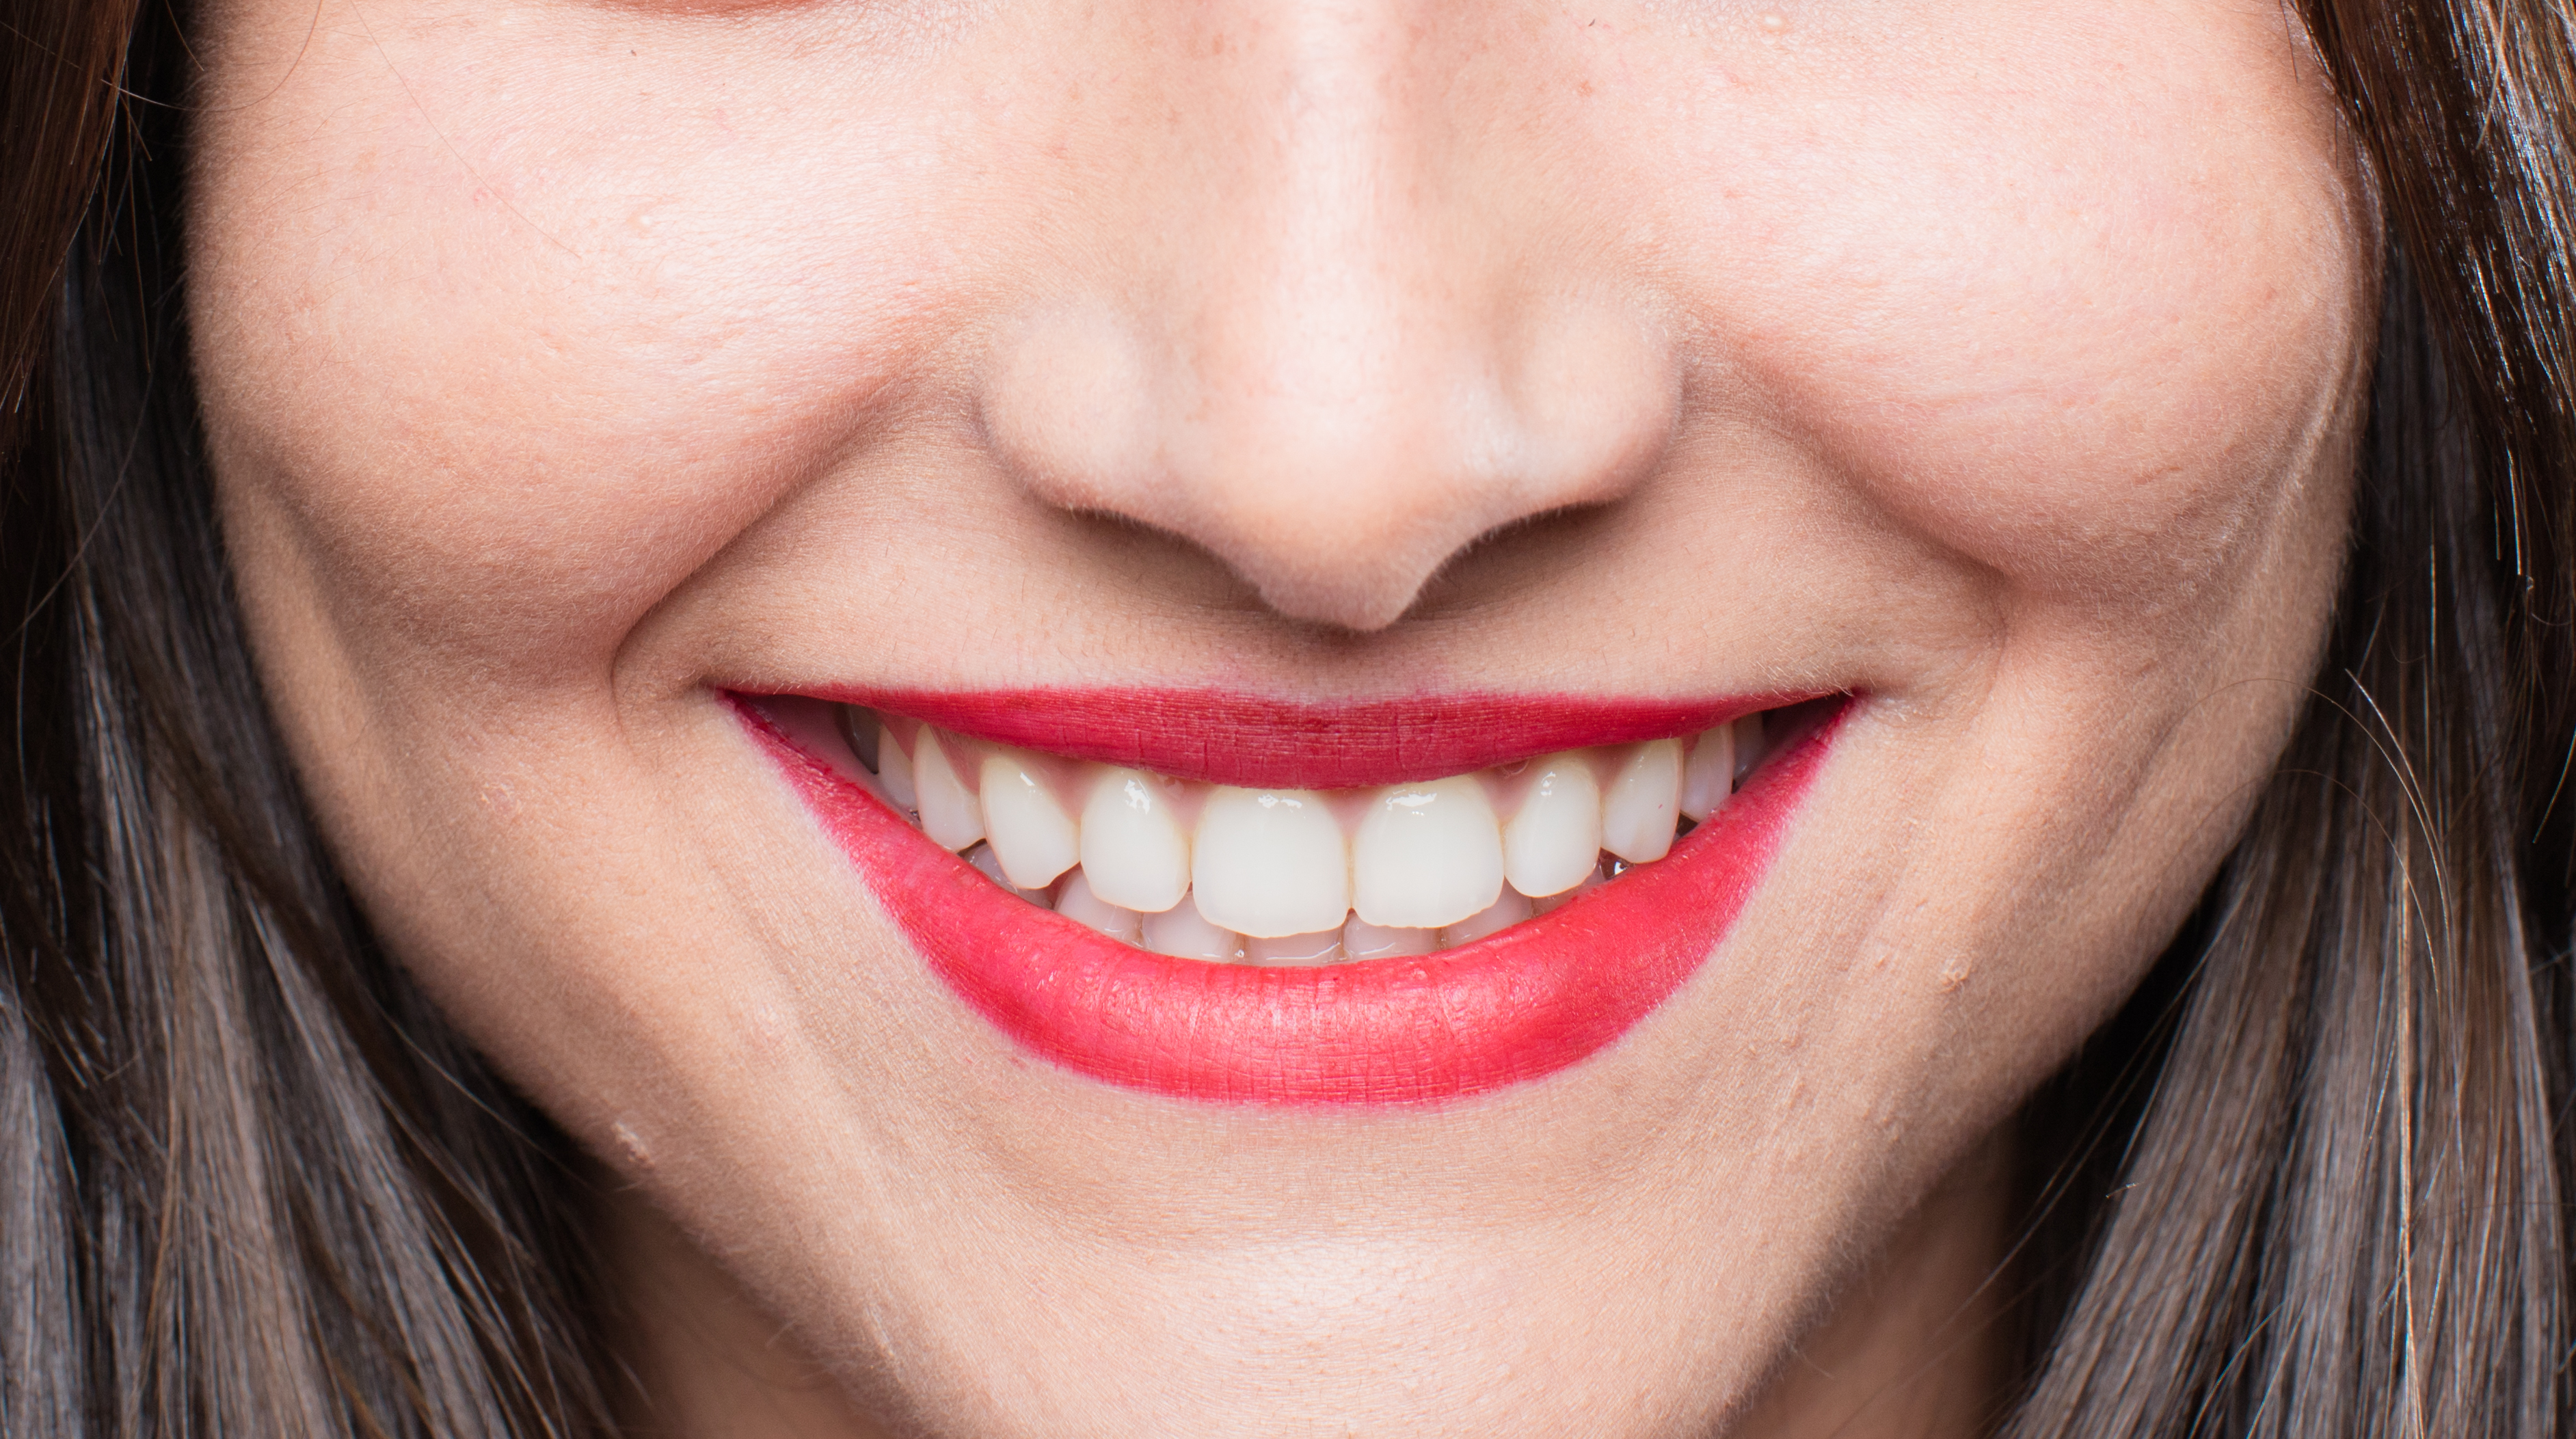 Sbiancamento denti fai da te: gli esperti lanciano l'allarme